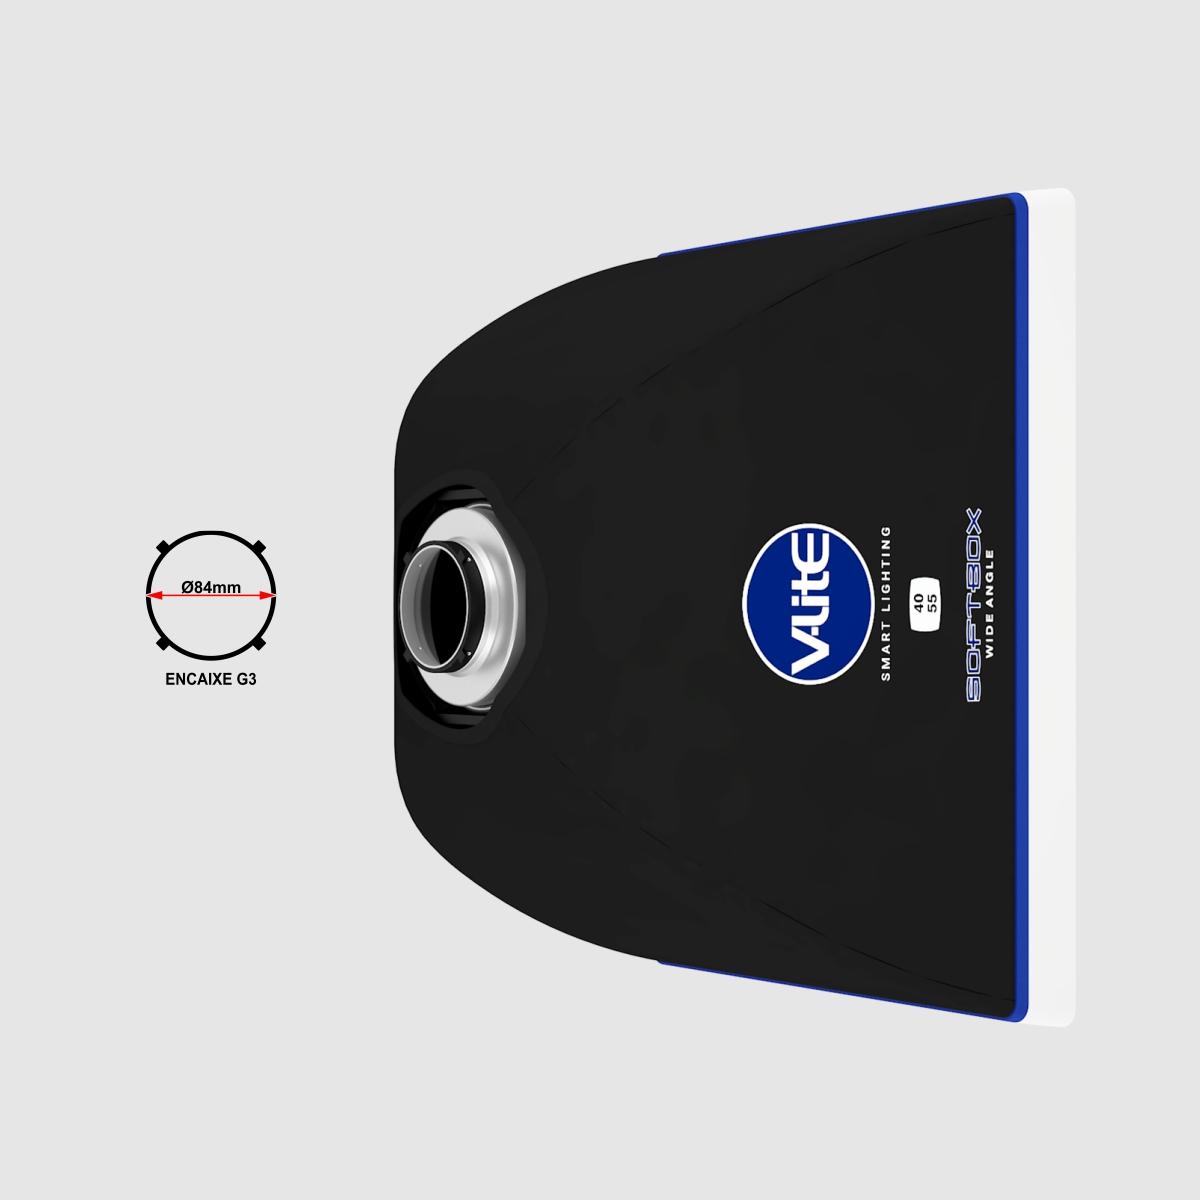 DIFUSOR DE LUZ SOFTBOX WIDE ANGLE 40 X 55 V-LITE